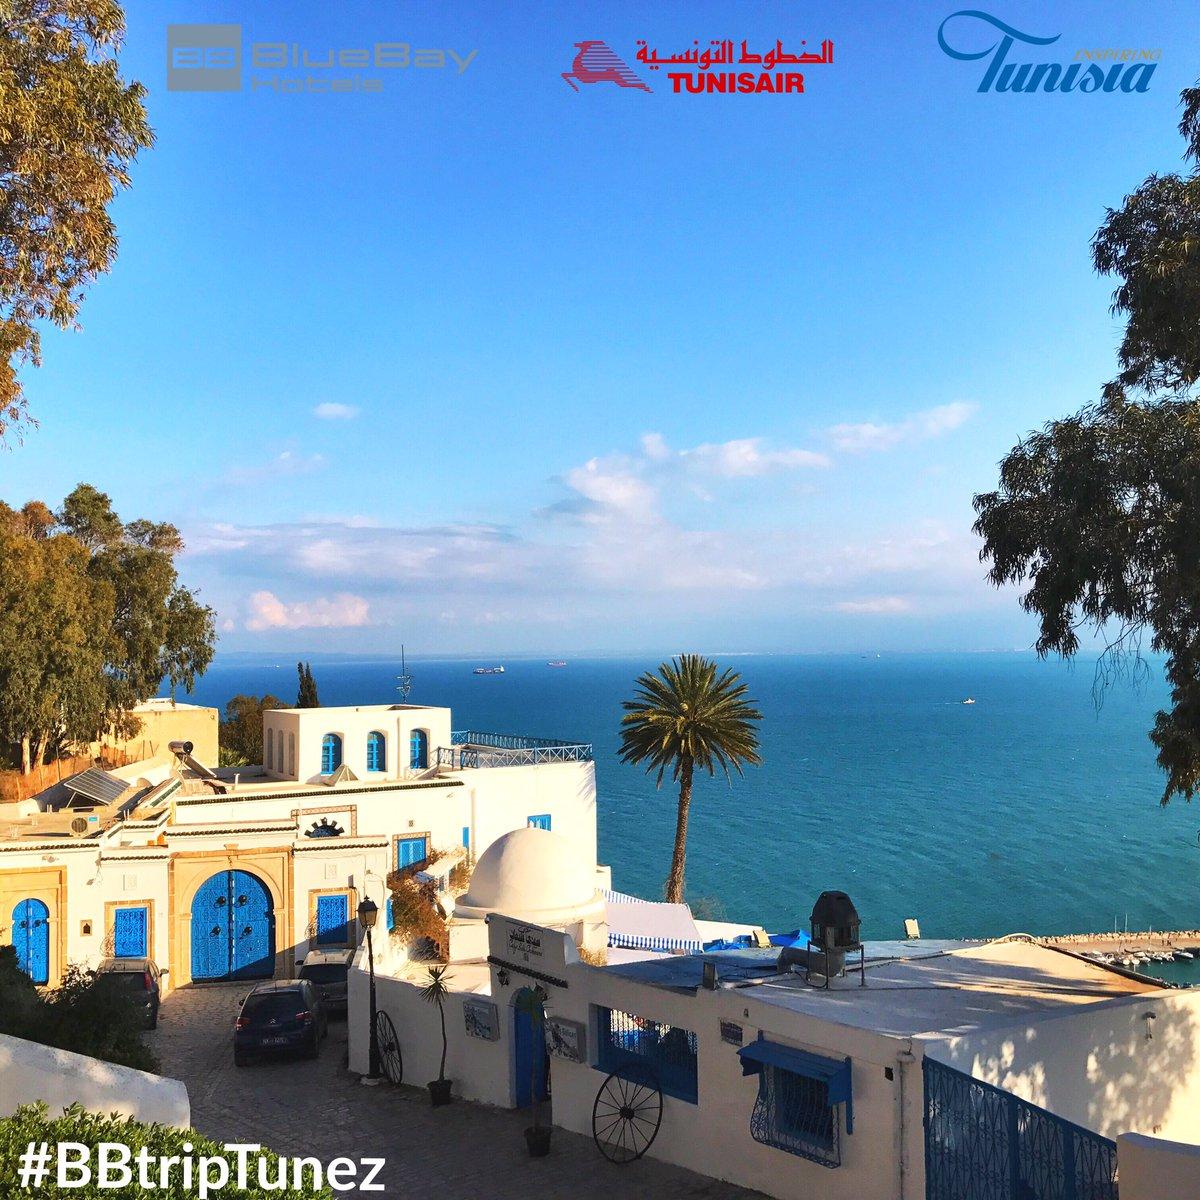 Día de contrastes del cielo azul y casas blancas. Mágico #sidibousaid #BBtripTunez #mediterraneo en estado puro https://t.co/RkcDCWKexq